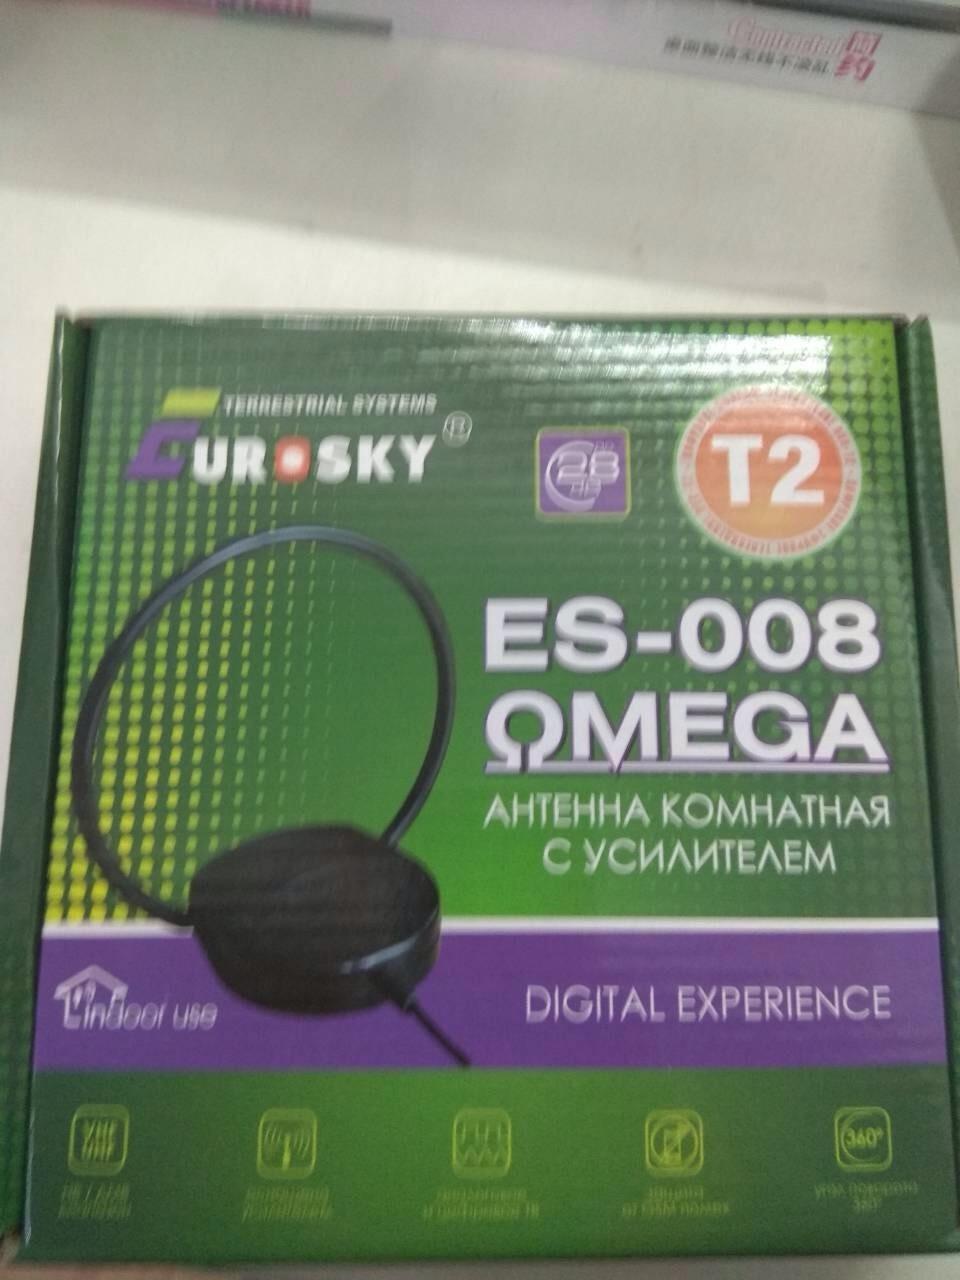 Комнатная антенна Eurosky ES-008 OMEGA T2 активная 5V